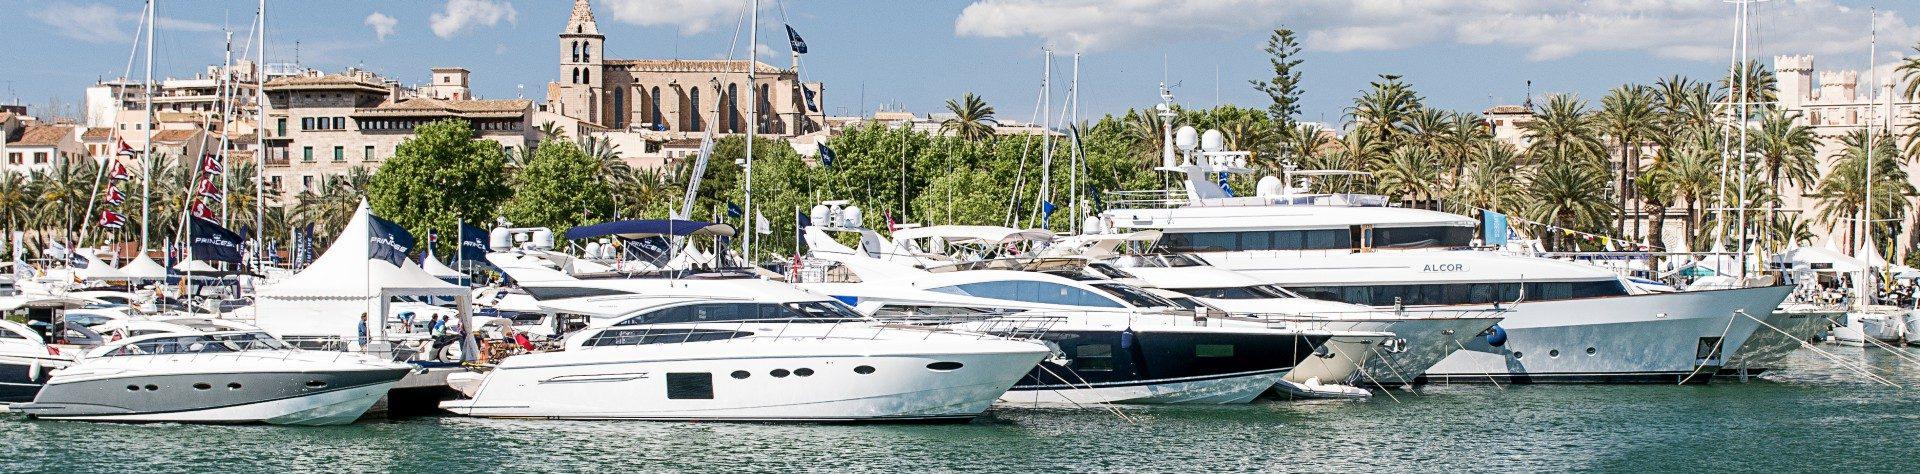 Eventi a Maiorca: Boat Show